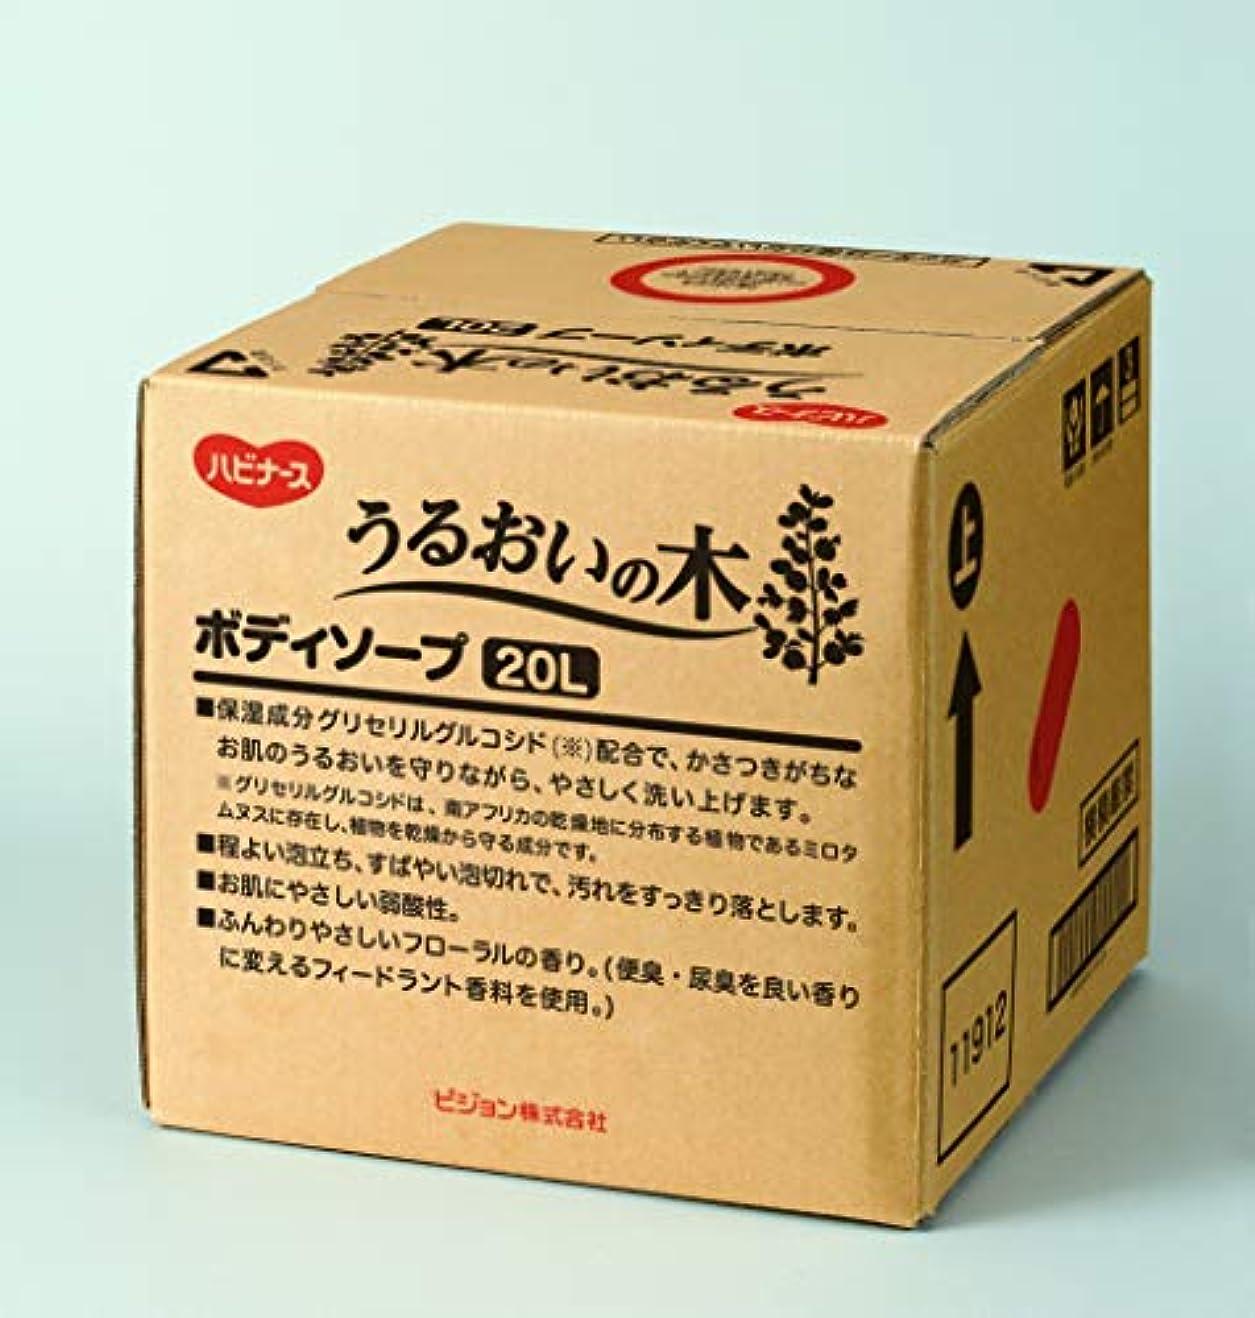 枝褒賞ラッシュハビナース うるおいの木 ボディソープ 20L [業務用]